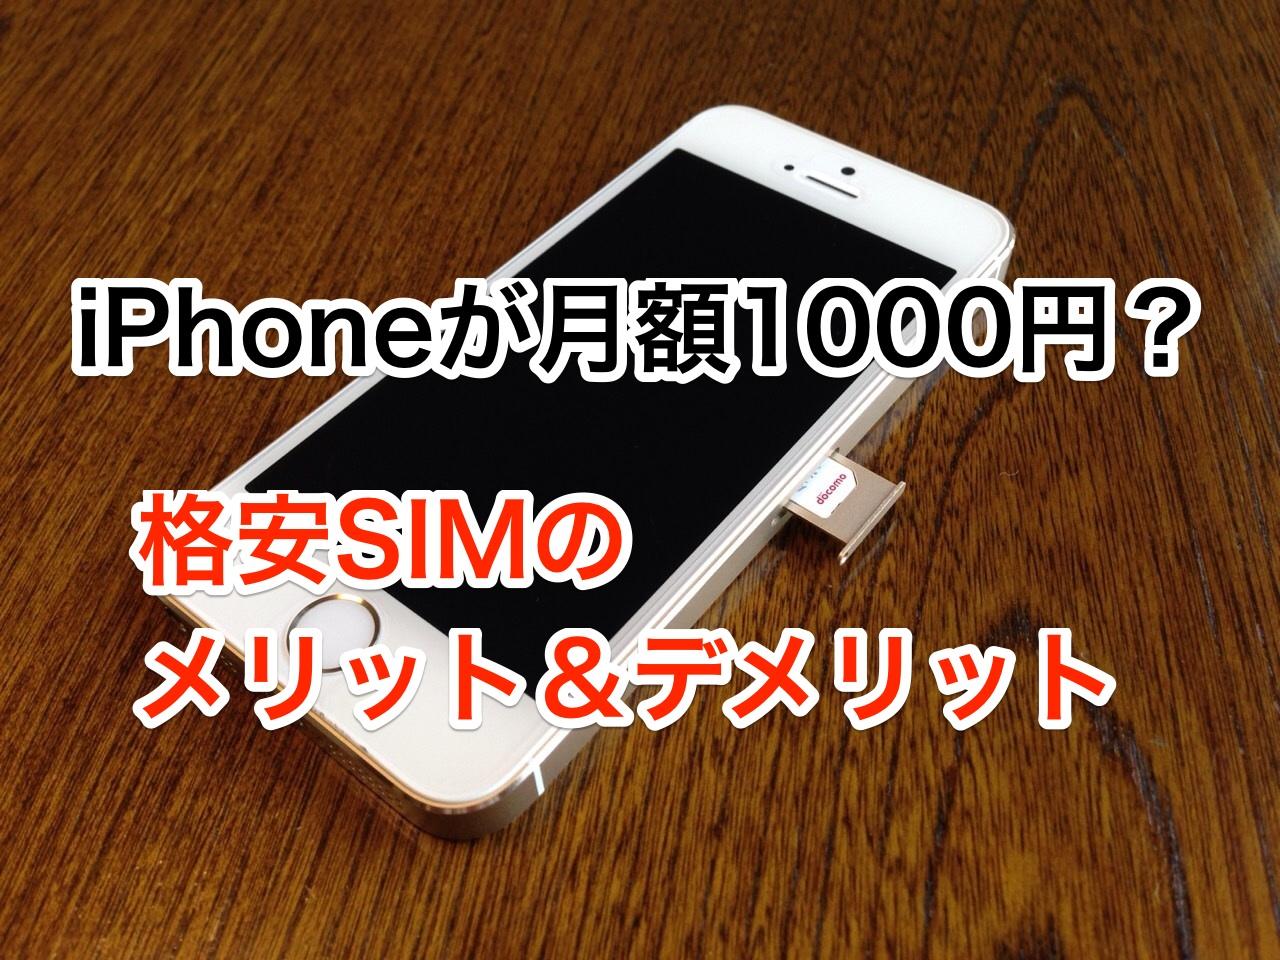 iPhoneが月1000円で使える? 格安SIMのメリットとデメリット